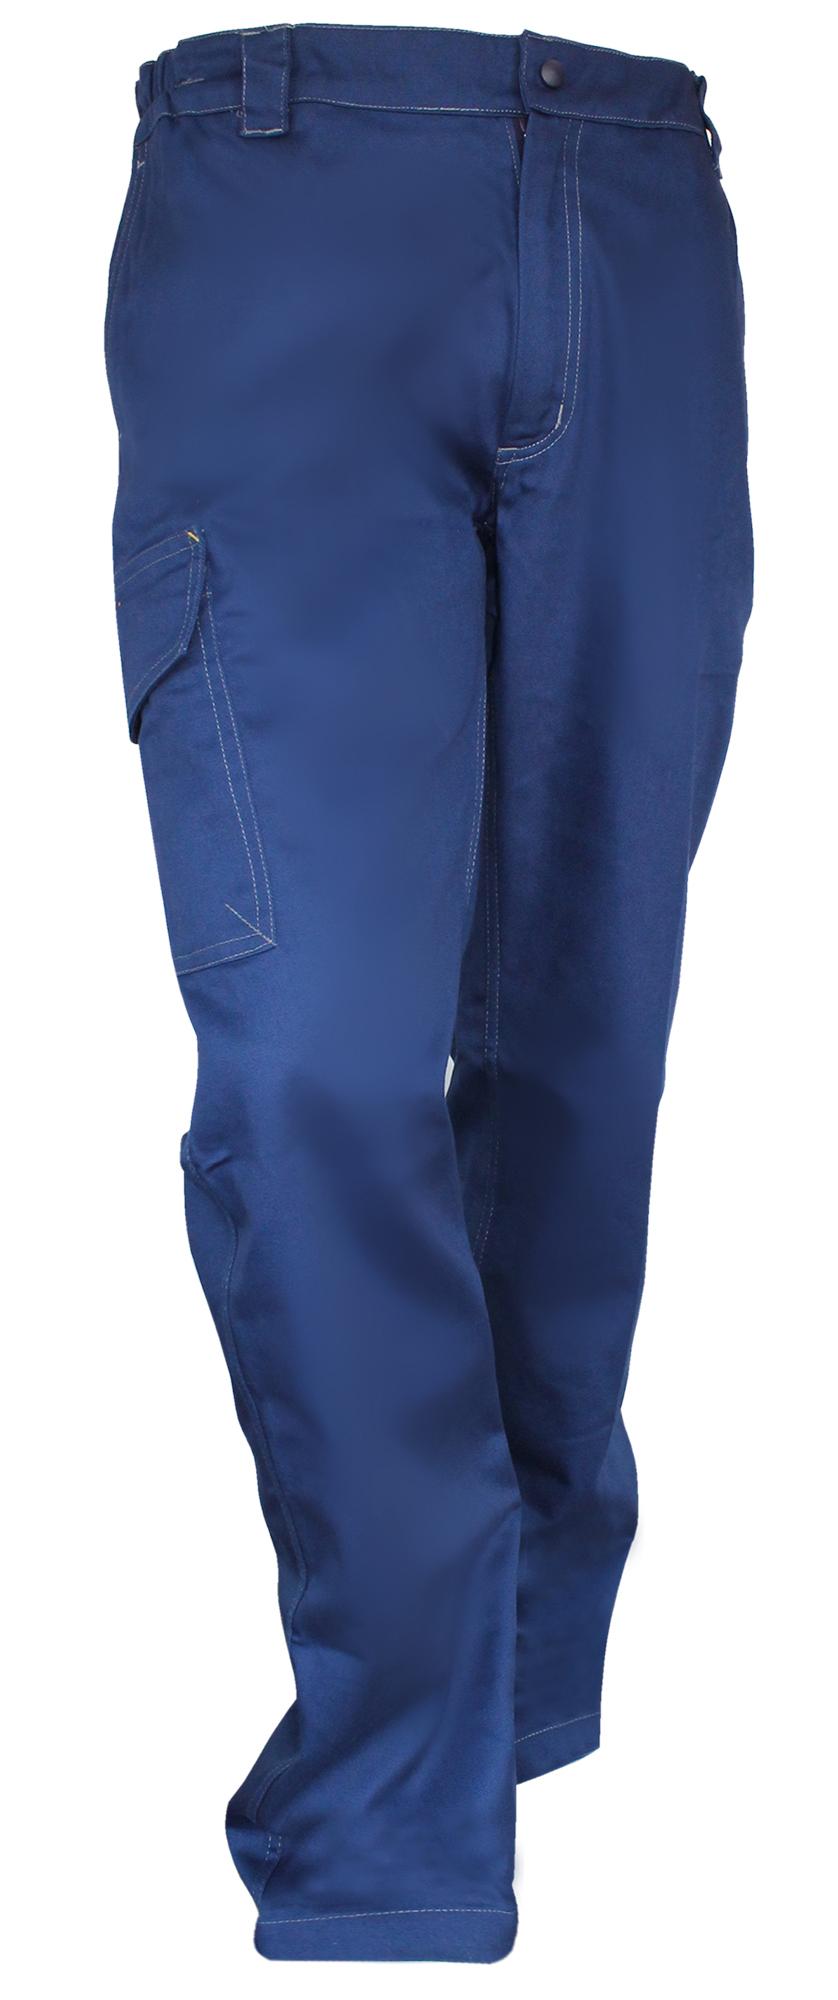 Protection Payper Pantalone ignifugo antistatico antiacido protezione arco  elettrico Errebipromo 7d15f1c5769a